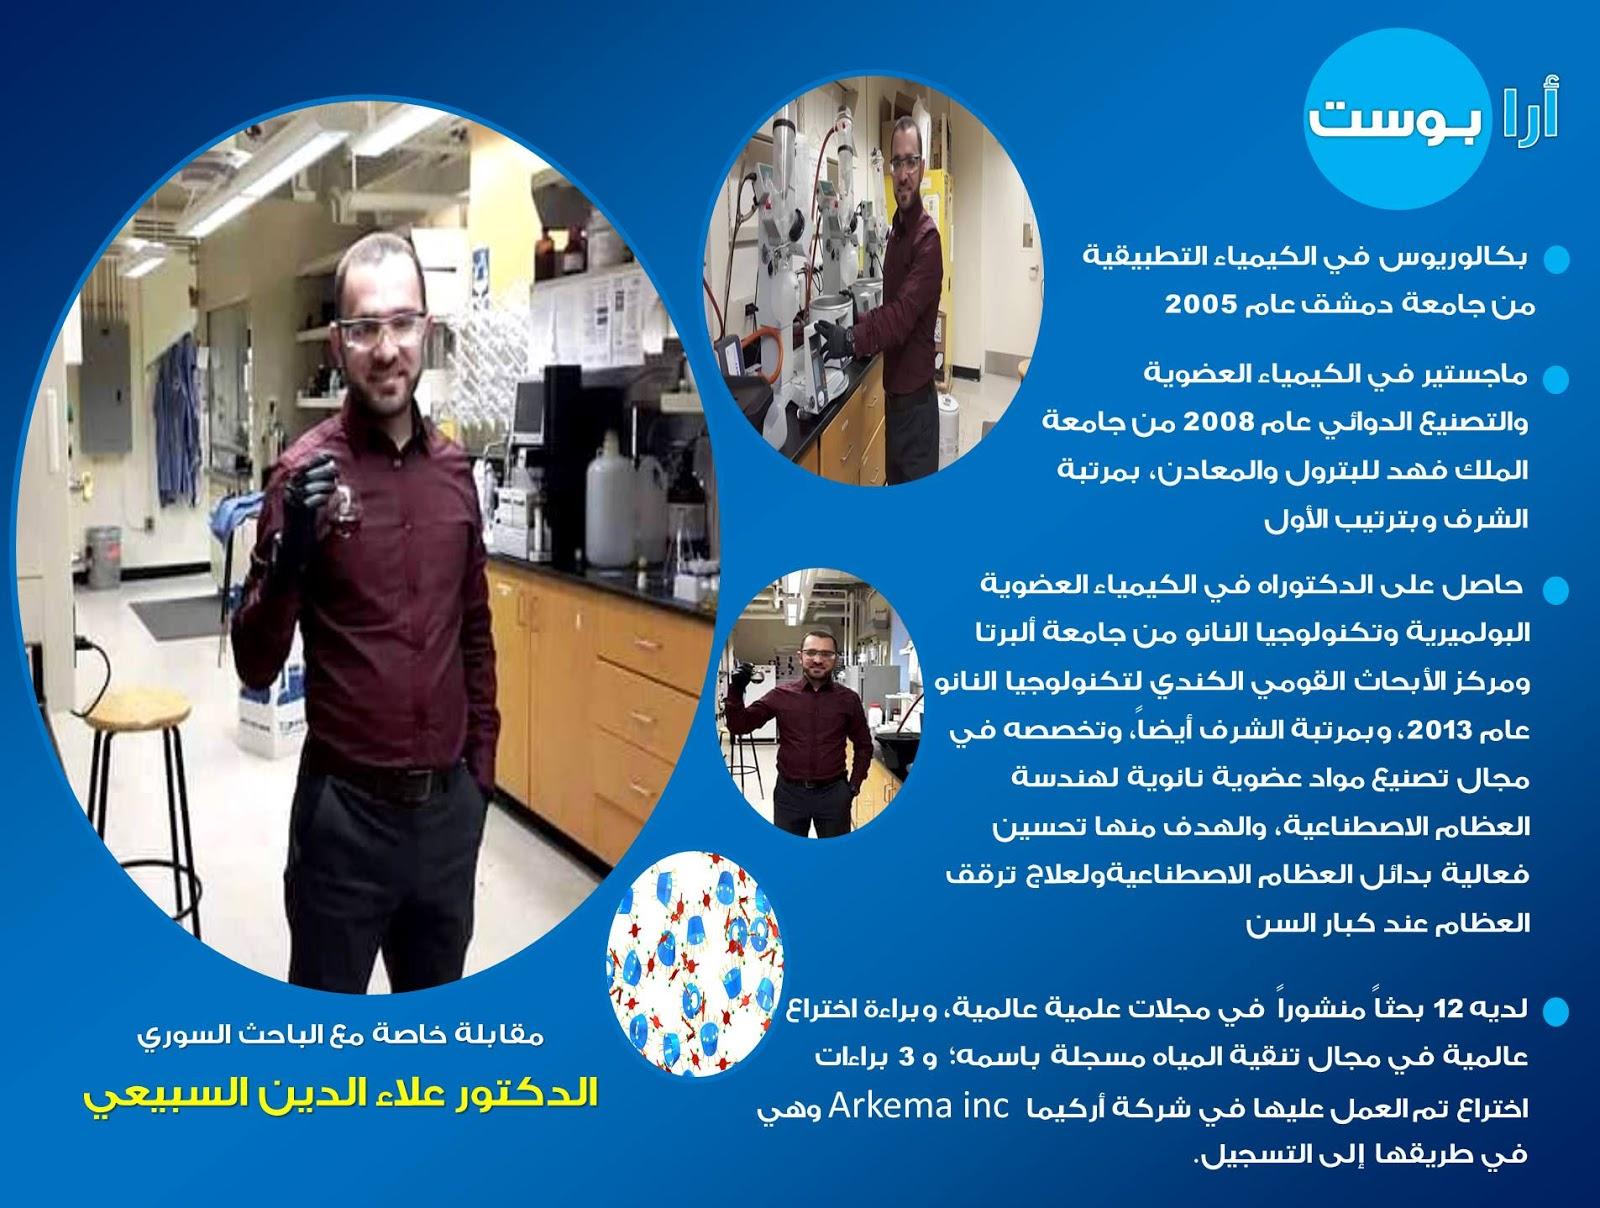 مقابلة خاصة مع الباحث السوري الدكتور علاء الدين السبيعي